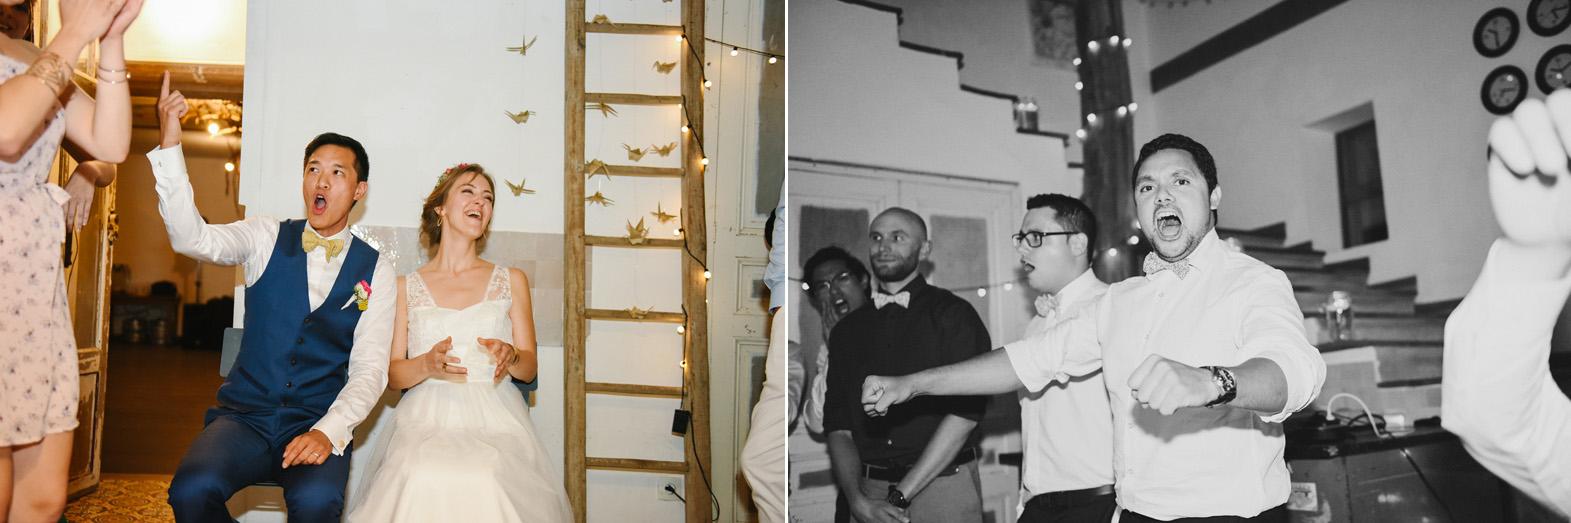 mariage_LW_domaine de la Pepiniere_seine-et-marne_77_photographie_clemence_dubois MEP30